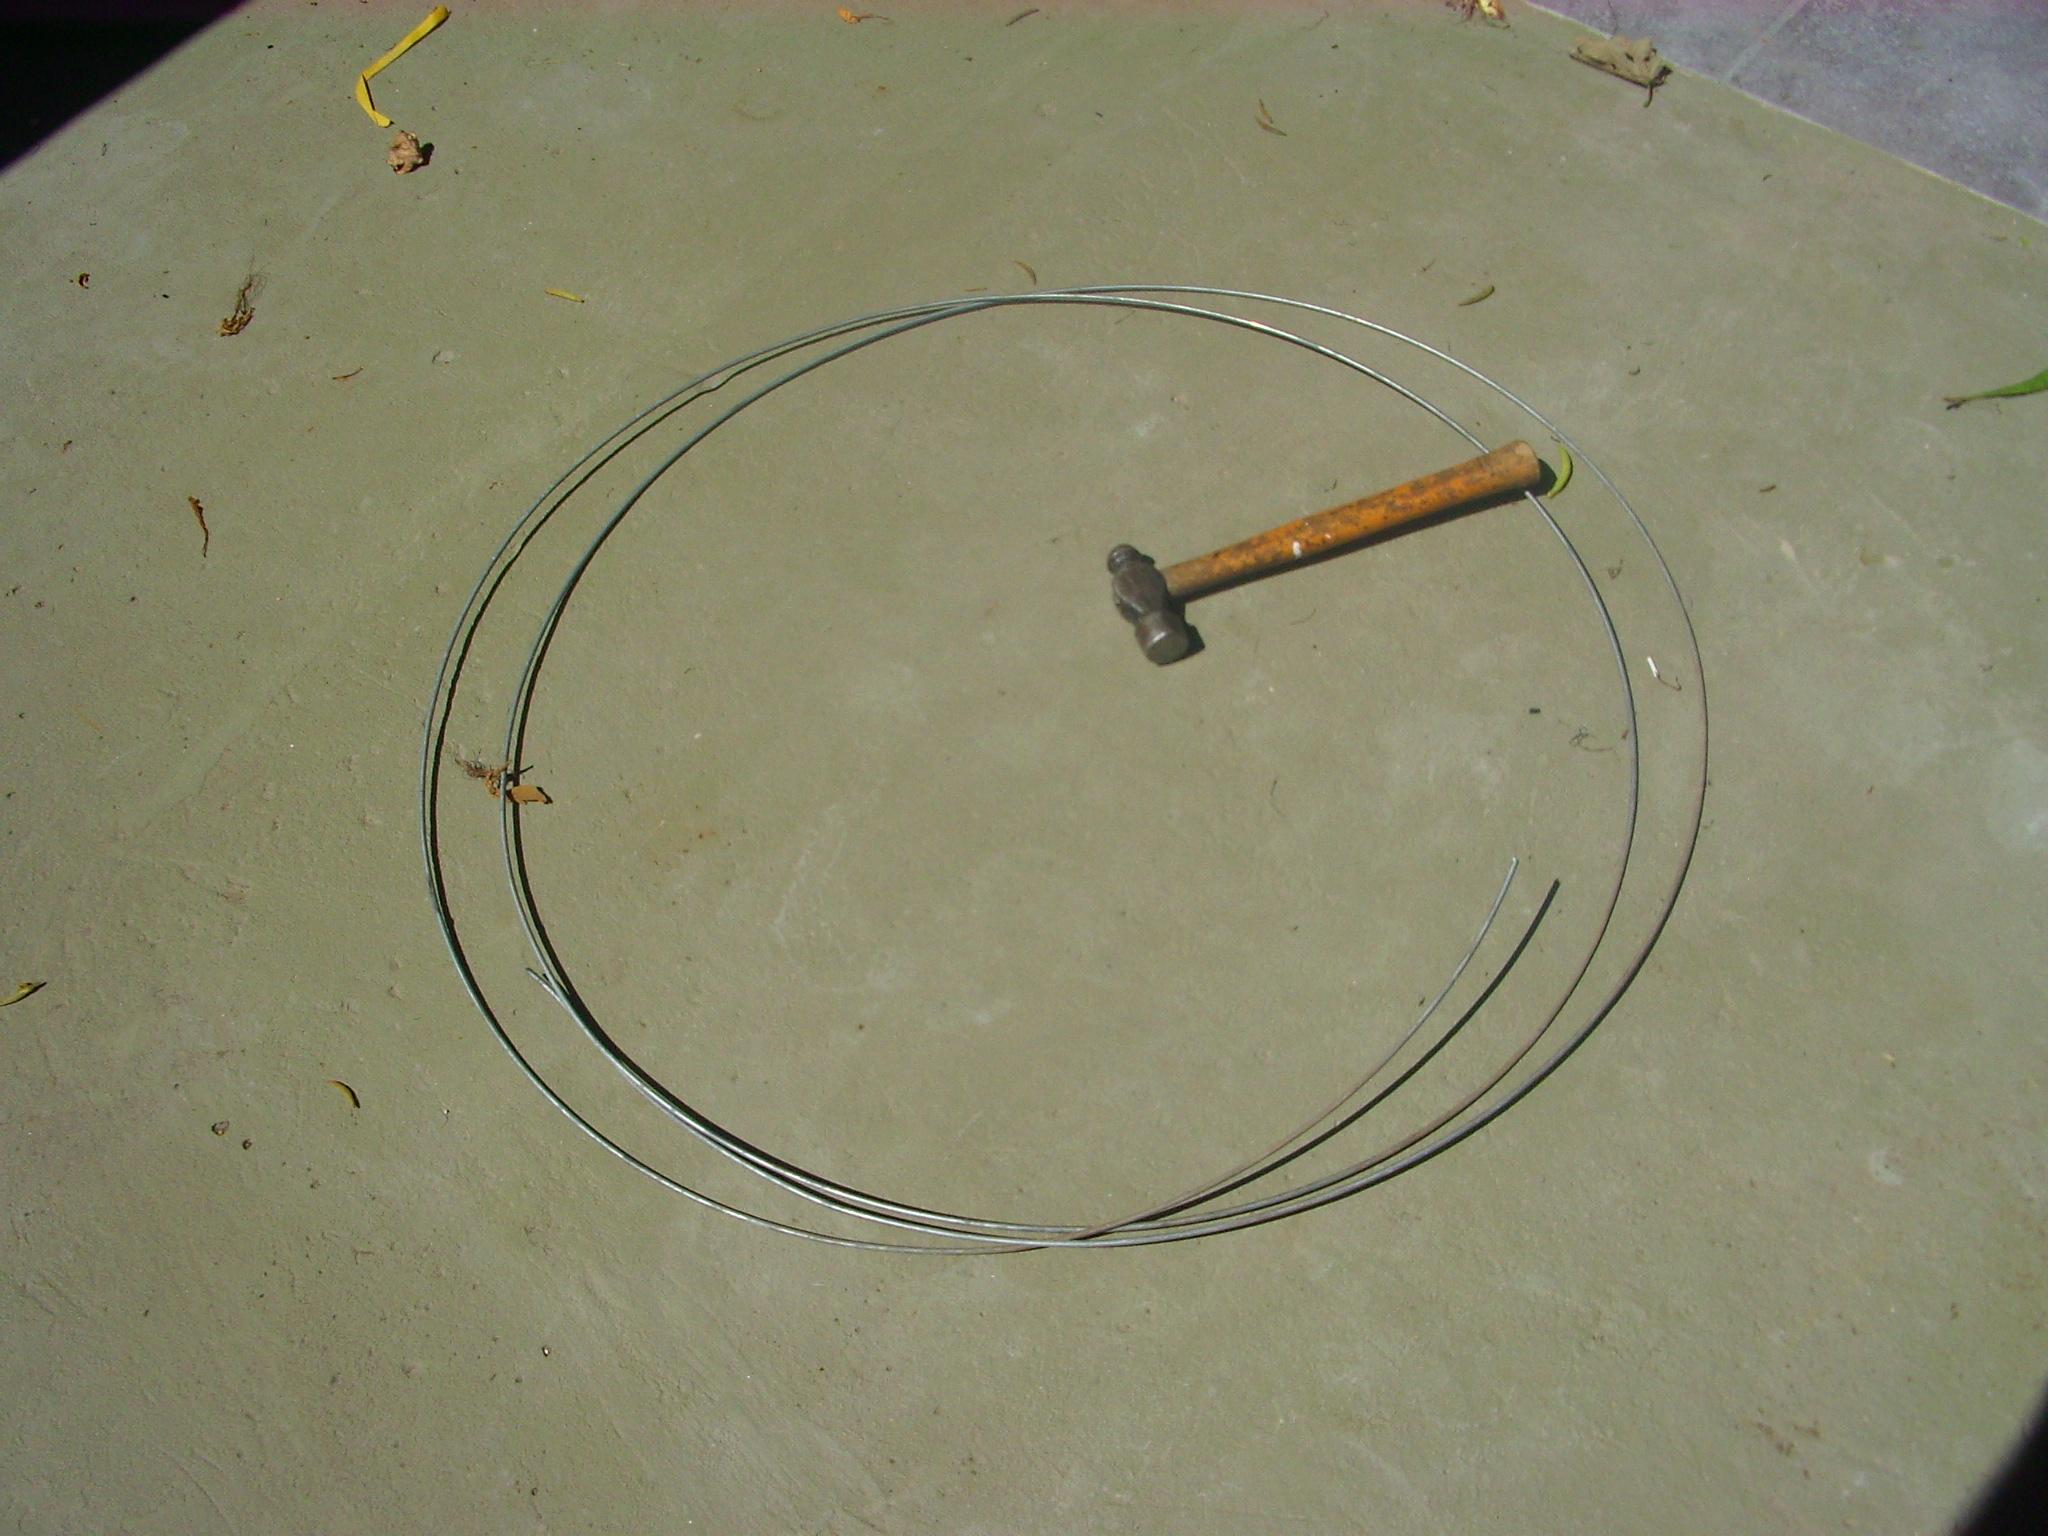 Straightening and stiffening a wire (enderezando y haciendo r�gido un alambre).